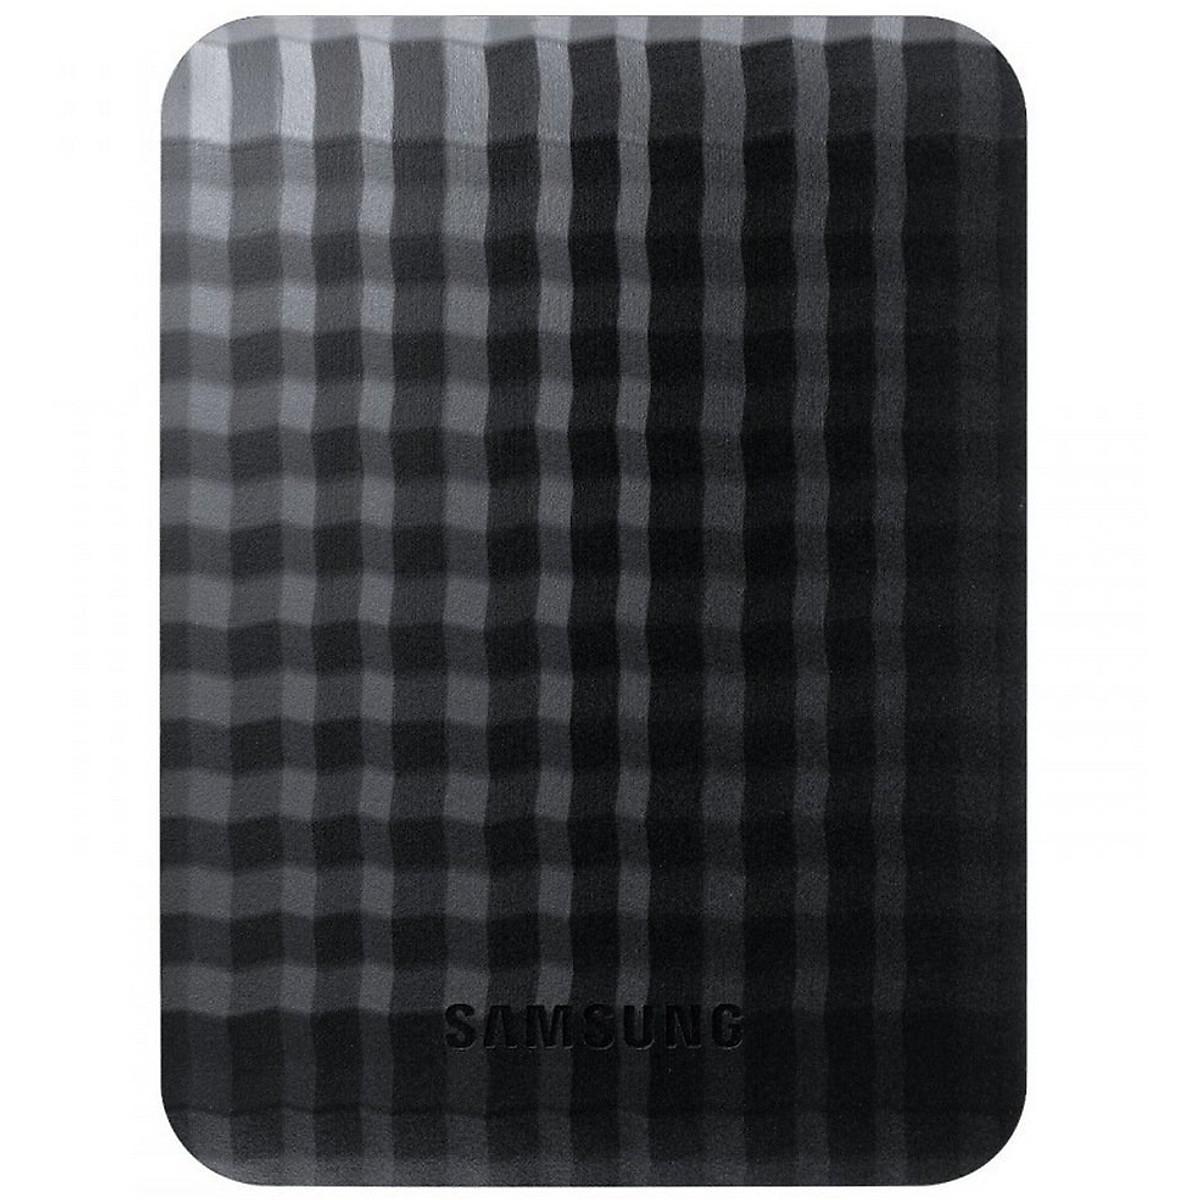 Ổ Cứng Di Động Samsung Portable M3 2TB – USB 3.0 – Hàng Chính Hãng